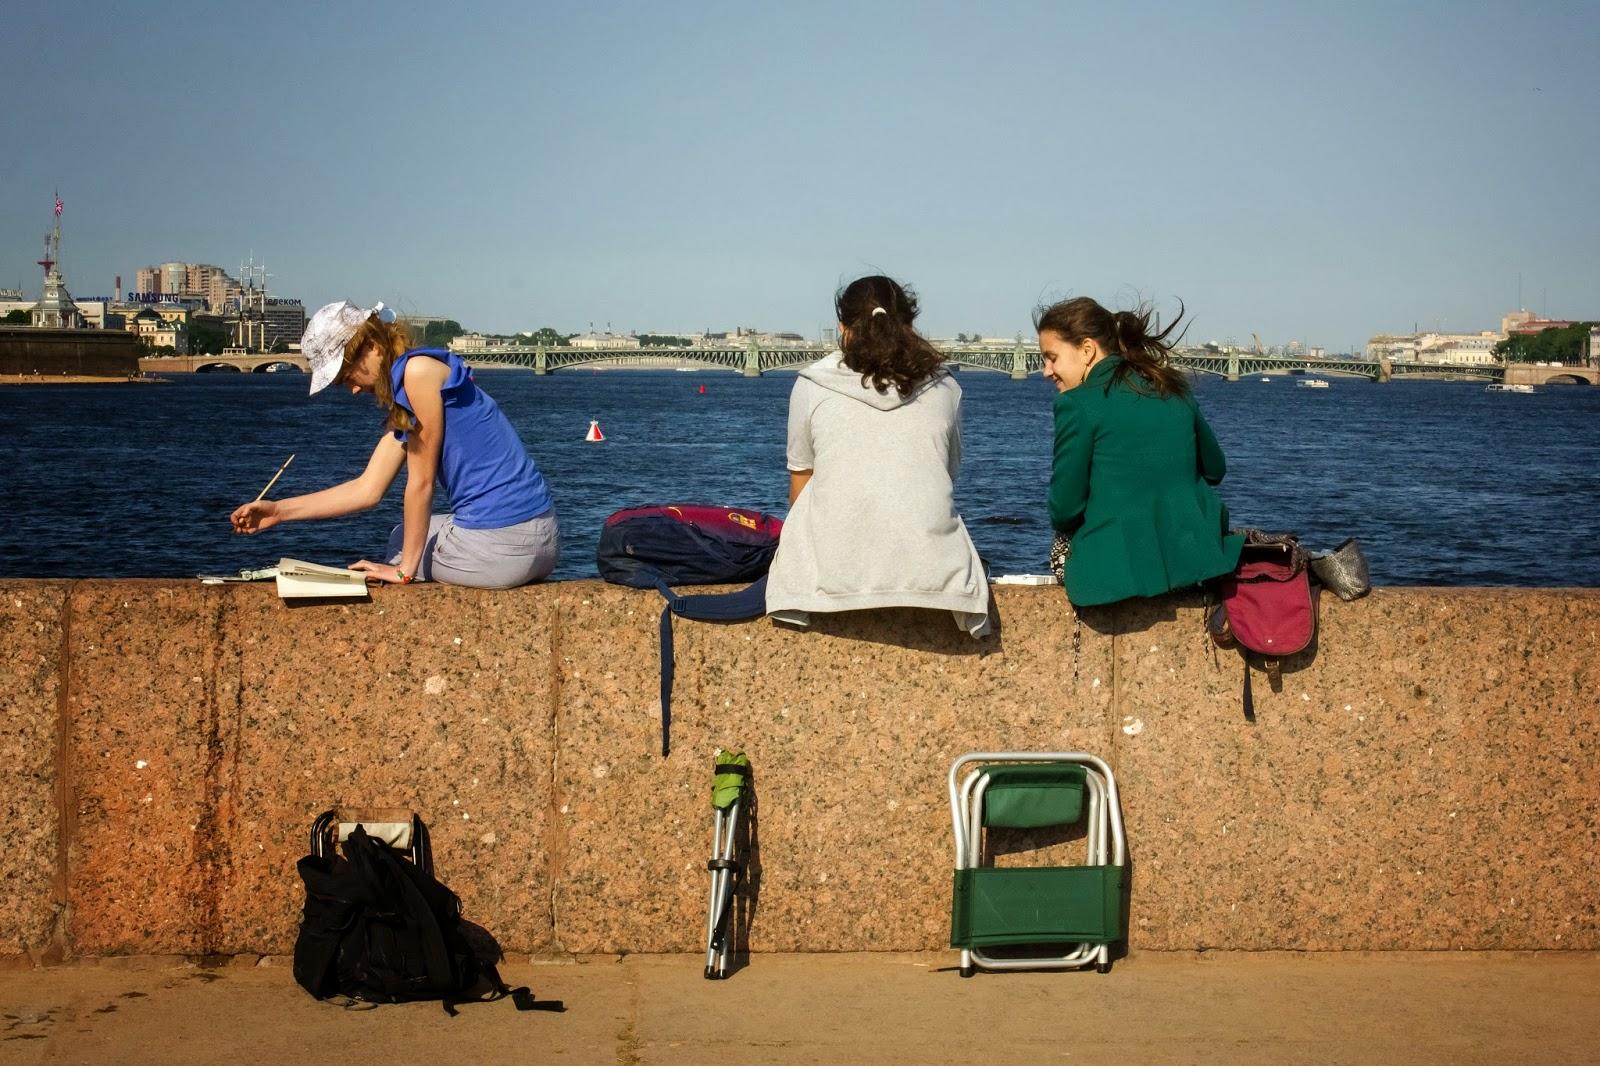 Санкт-Петербург, Россия, Три девицы